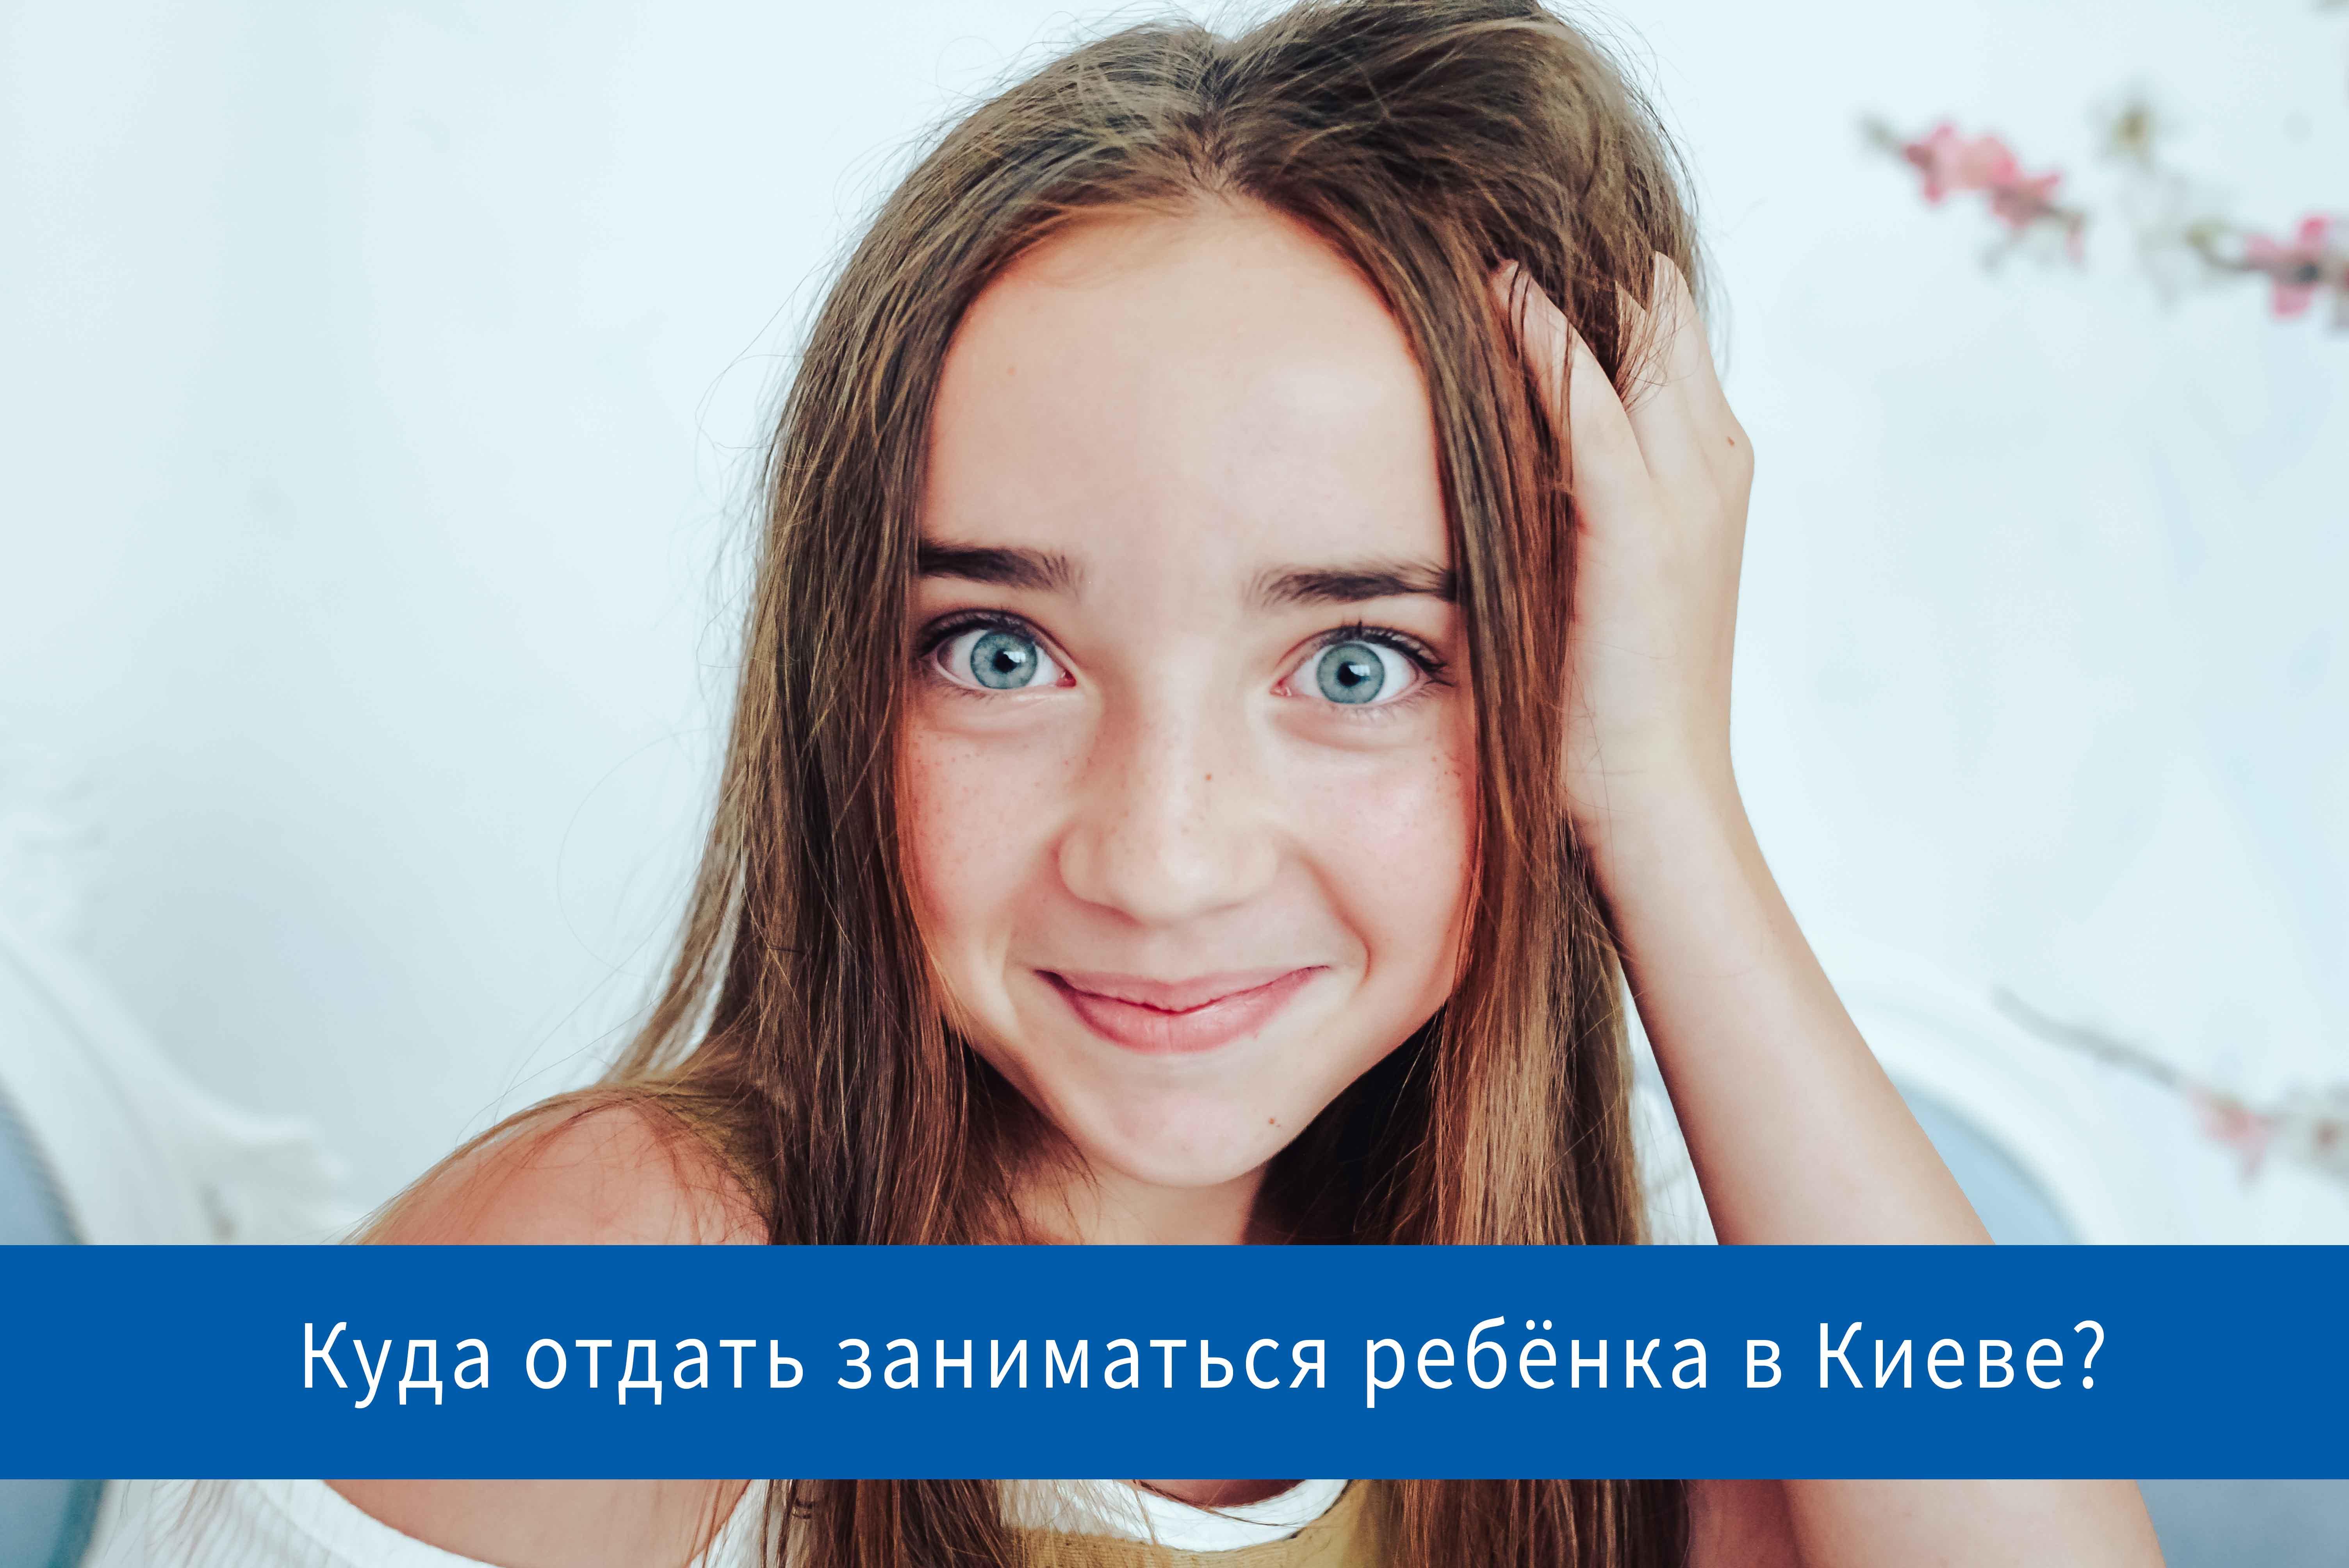 Куда отдать заниматься ребёнка в Киеве?